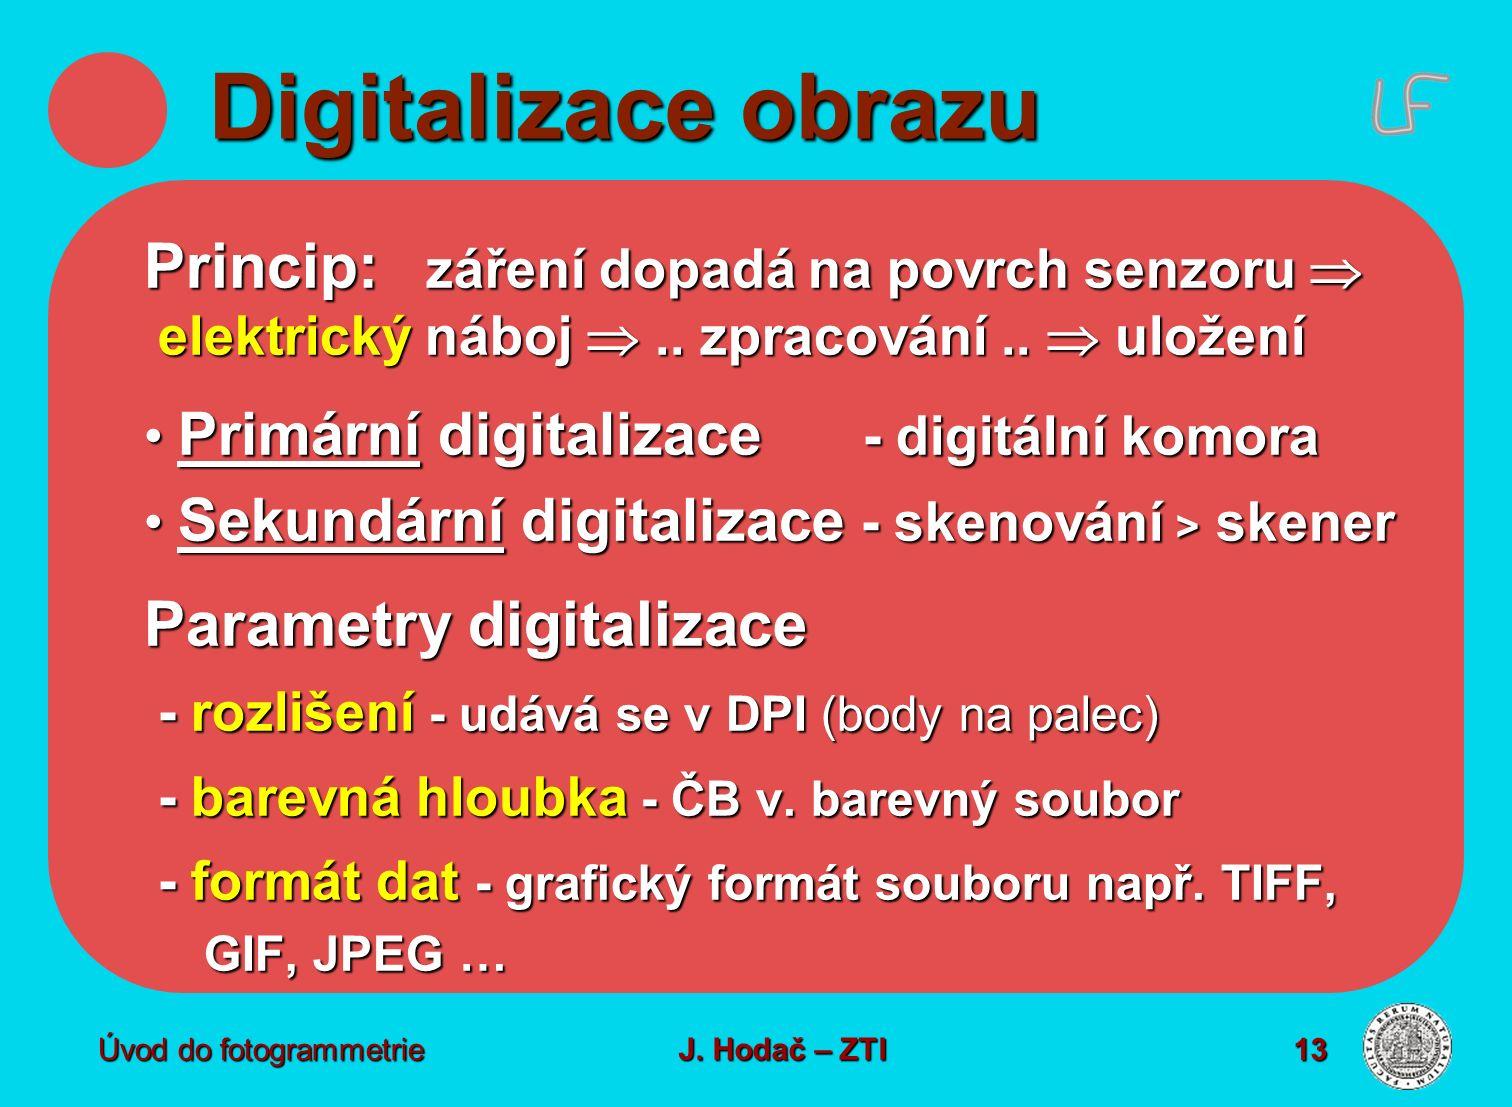 Digitalizace obrazu Princip: záření dopadá na povrch senzoru  elektrický náboj  .. zpracování ..  uložení.